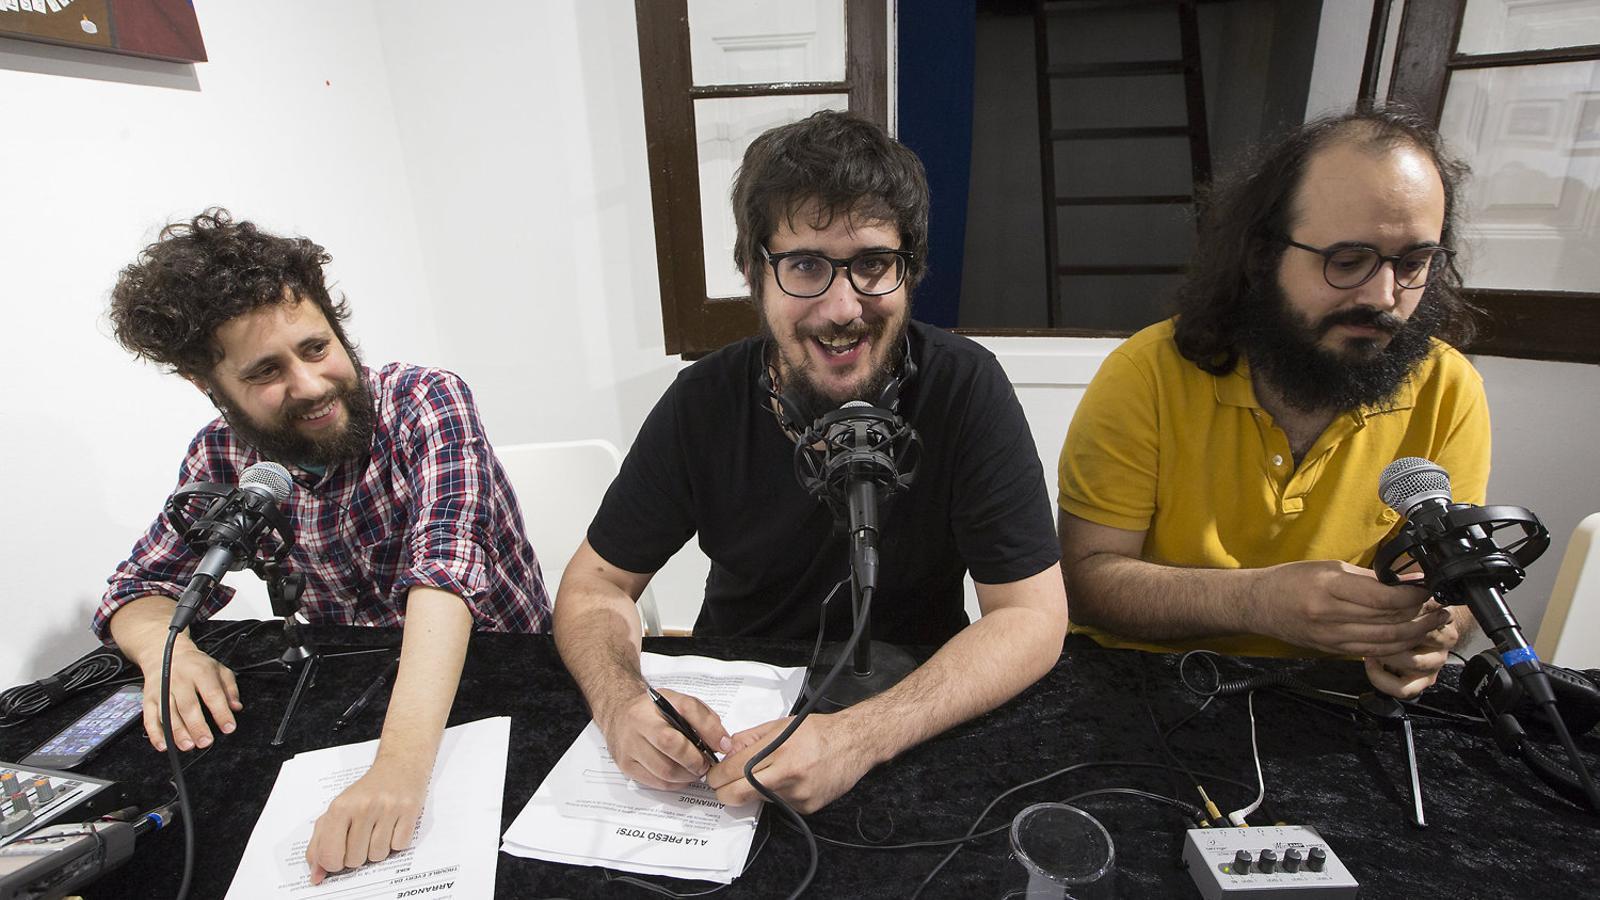 A La Llama Store hi havia, entre d'altres, els humoristes Kike García i Tomàs Fuentes, i el director d'El Jueves, Guillem Martínez.